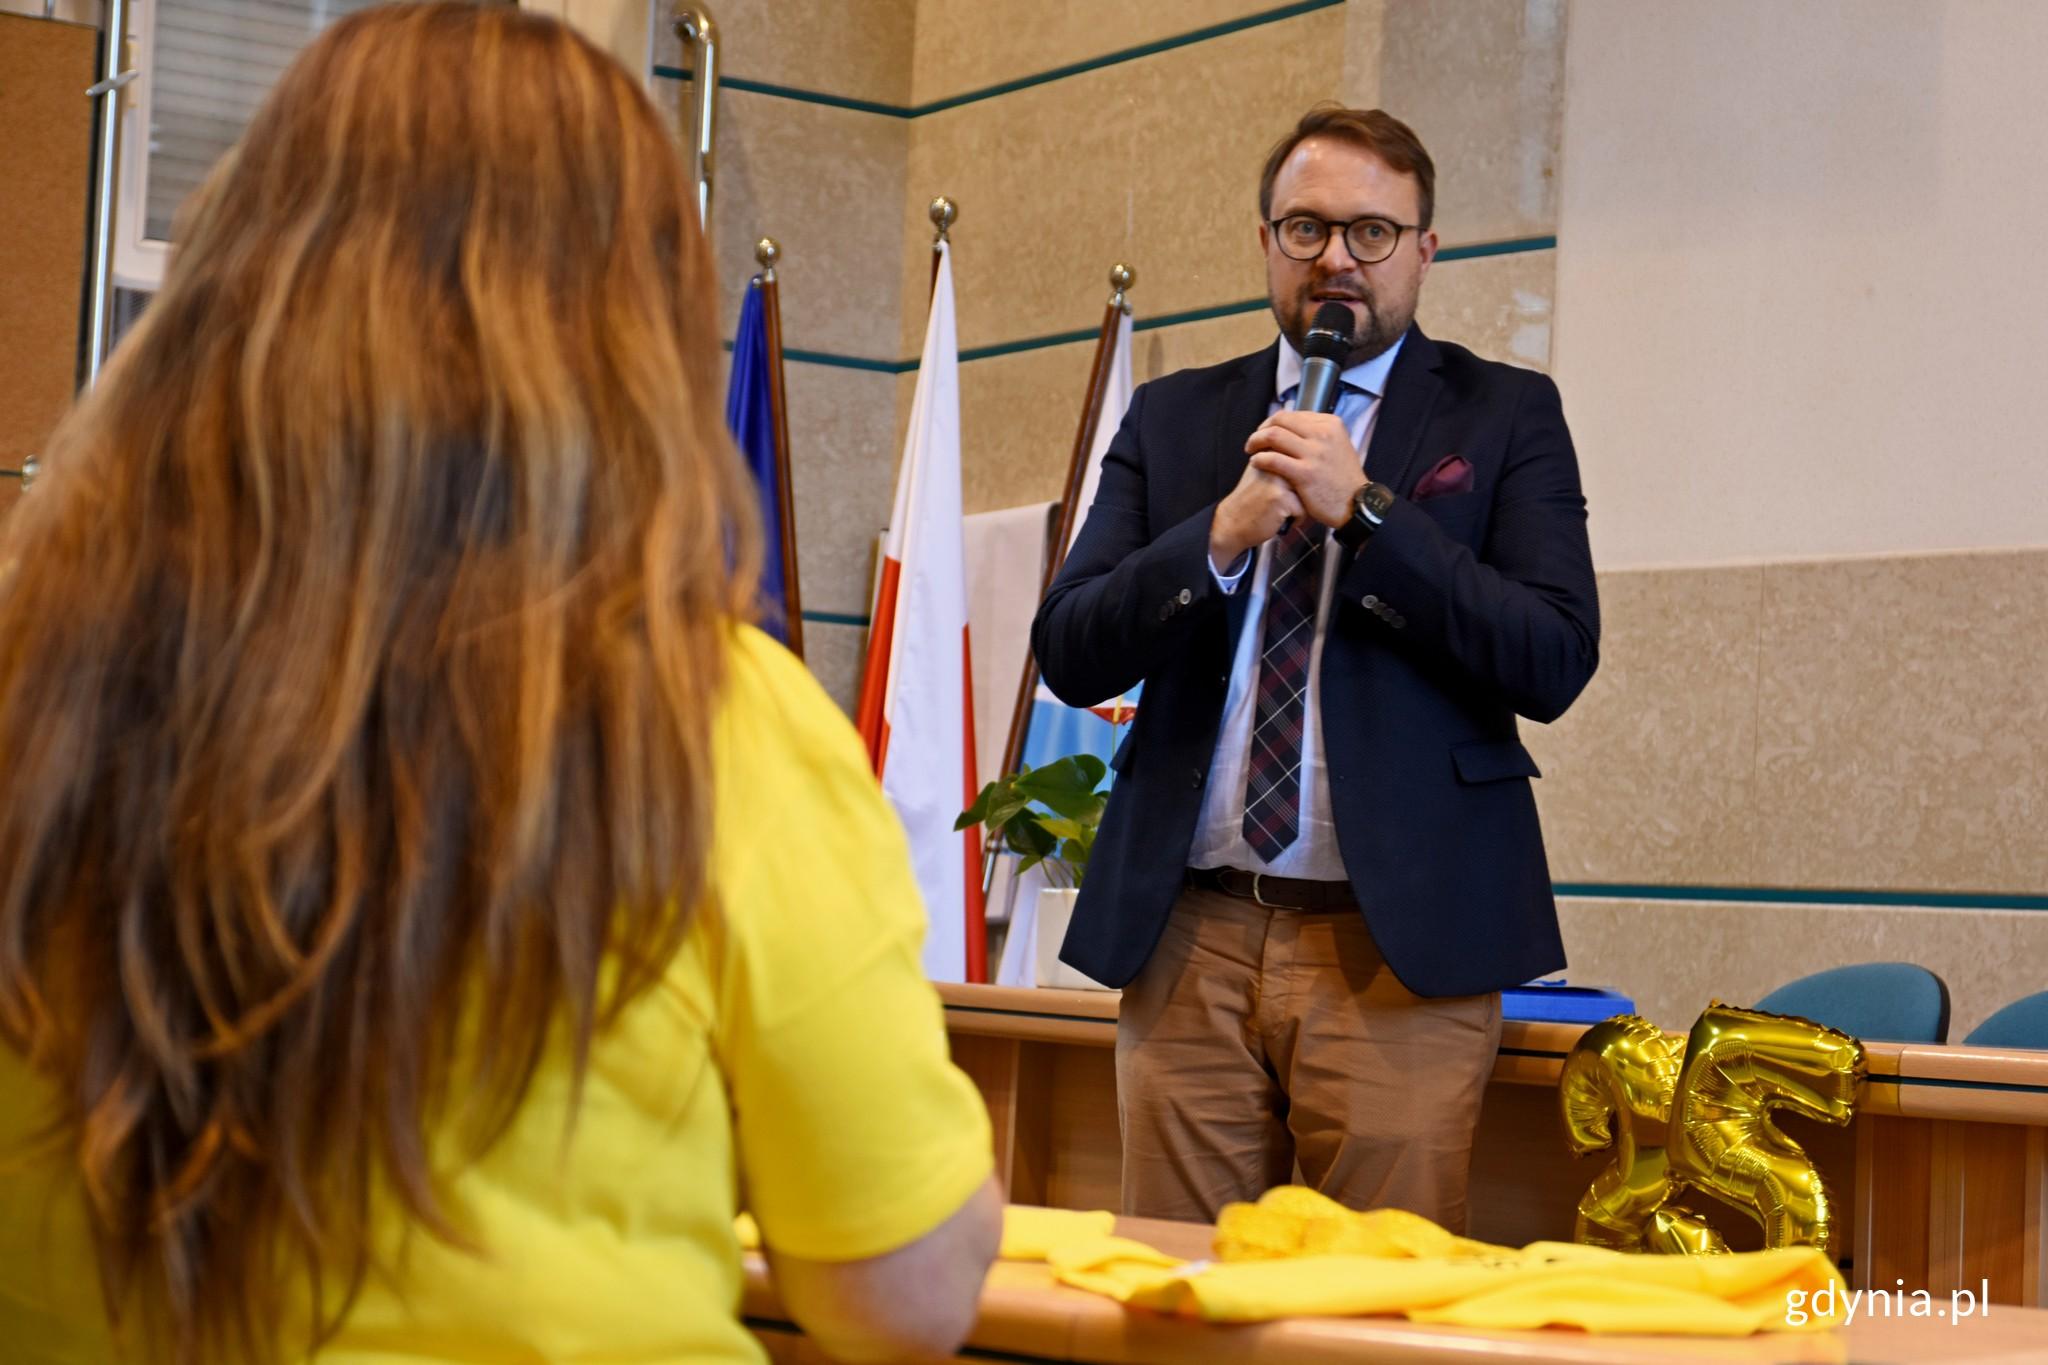 Na zdjęciu Marek Łucyk - wiceprezydent Gdyni